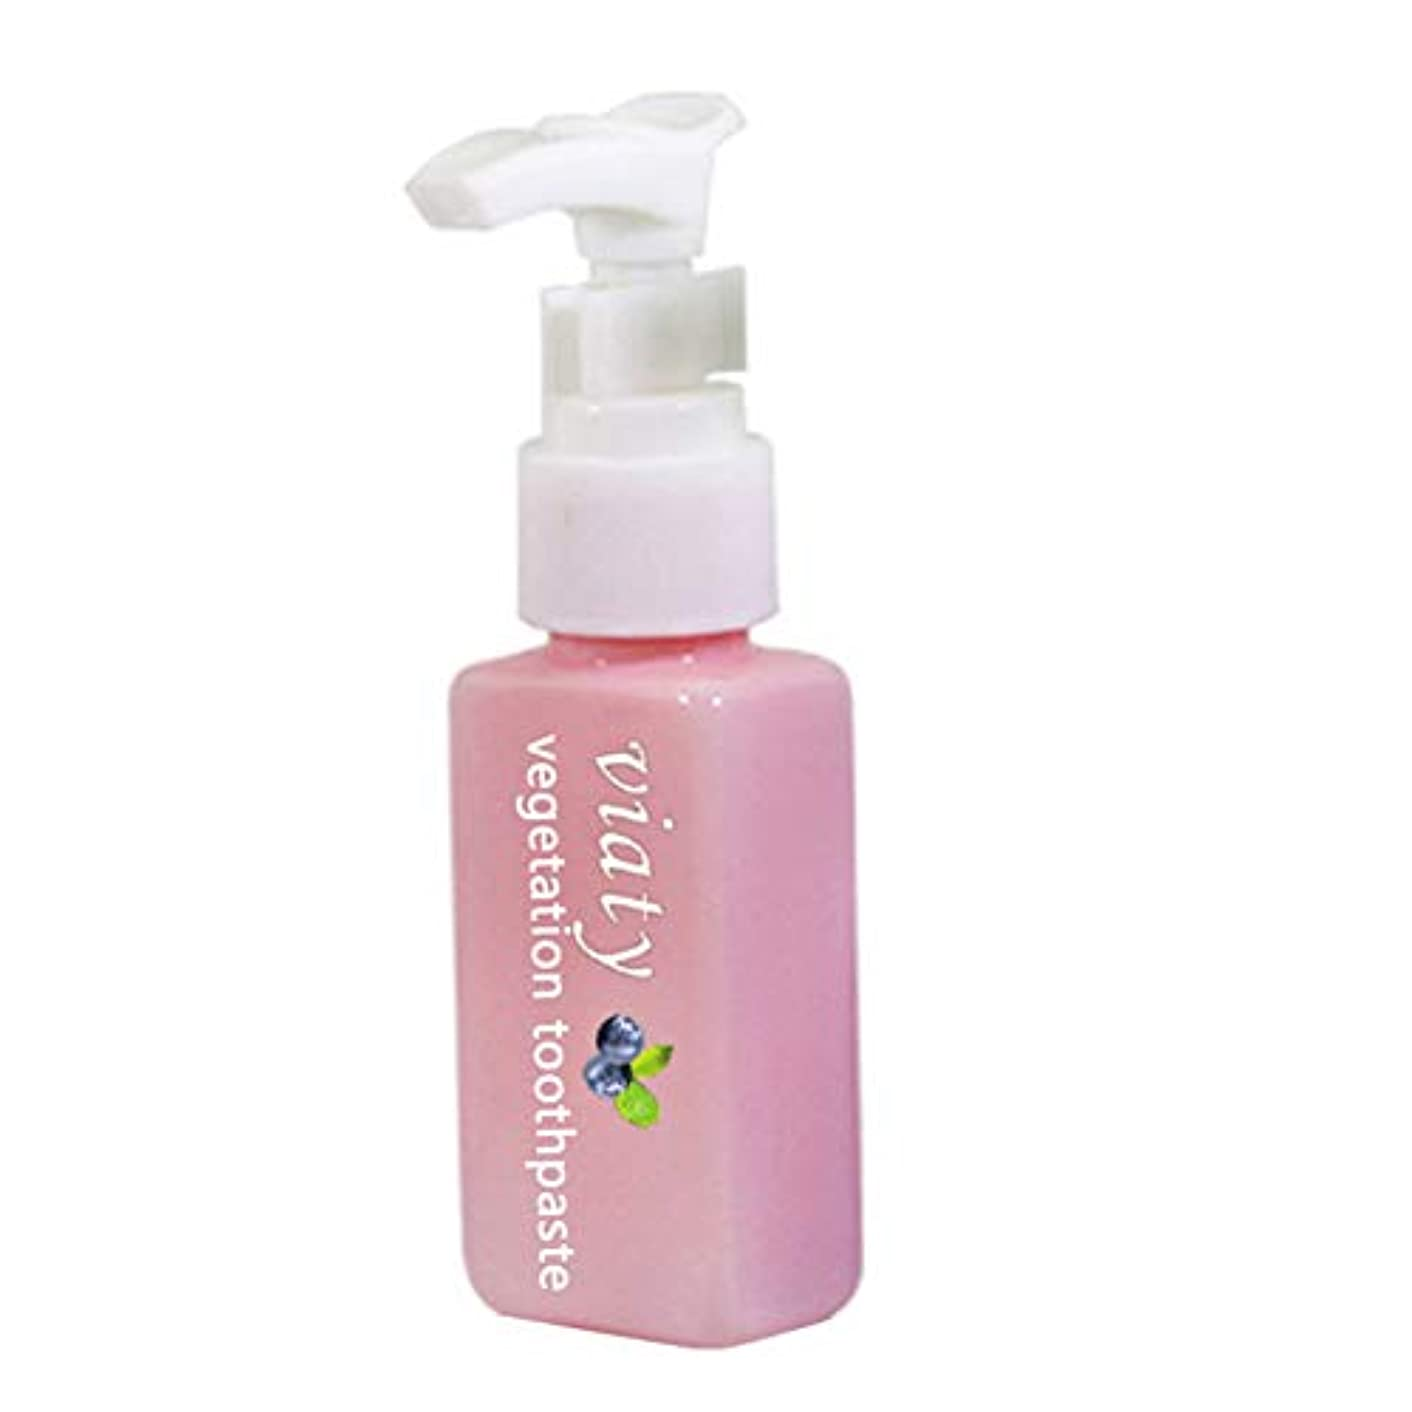 ピグマリオン川ひまわりJanusSaja歯磨き粉アンチブリードガムプレスタイプ新鮮な歯磨き粉を白くする汚れ除去剤